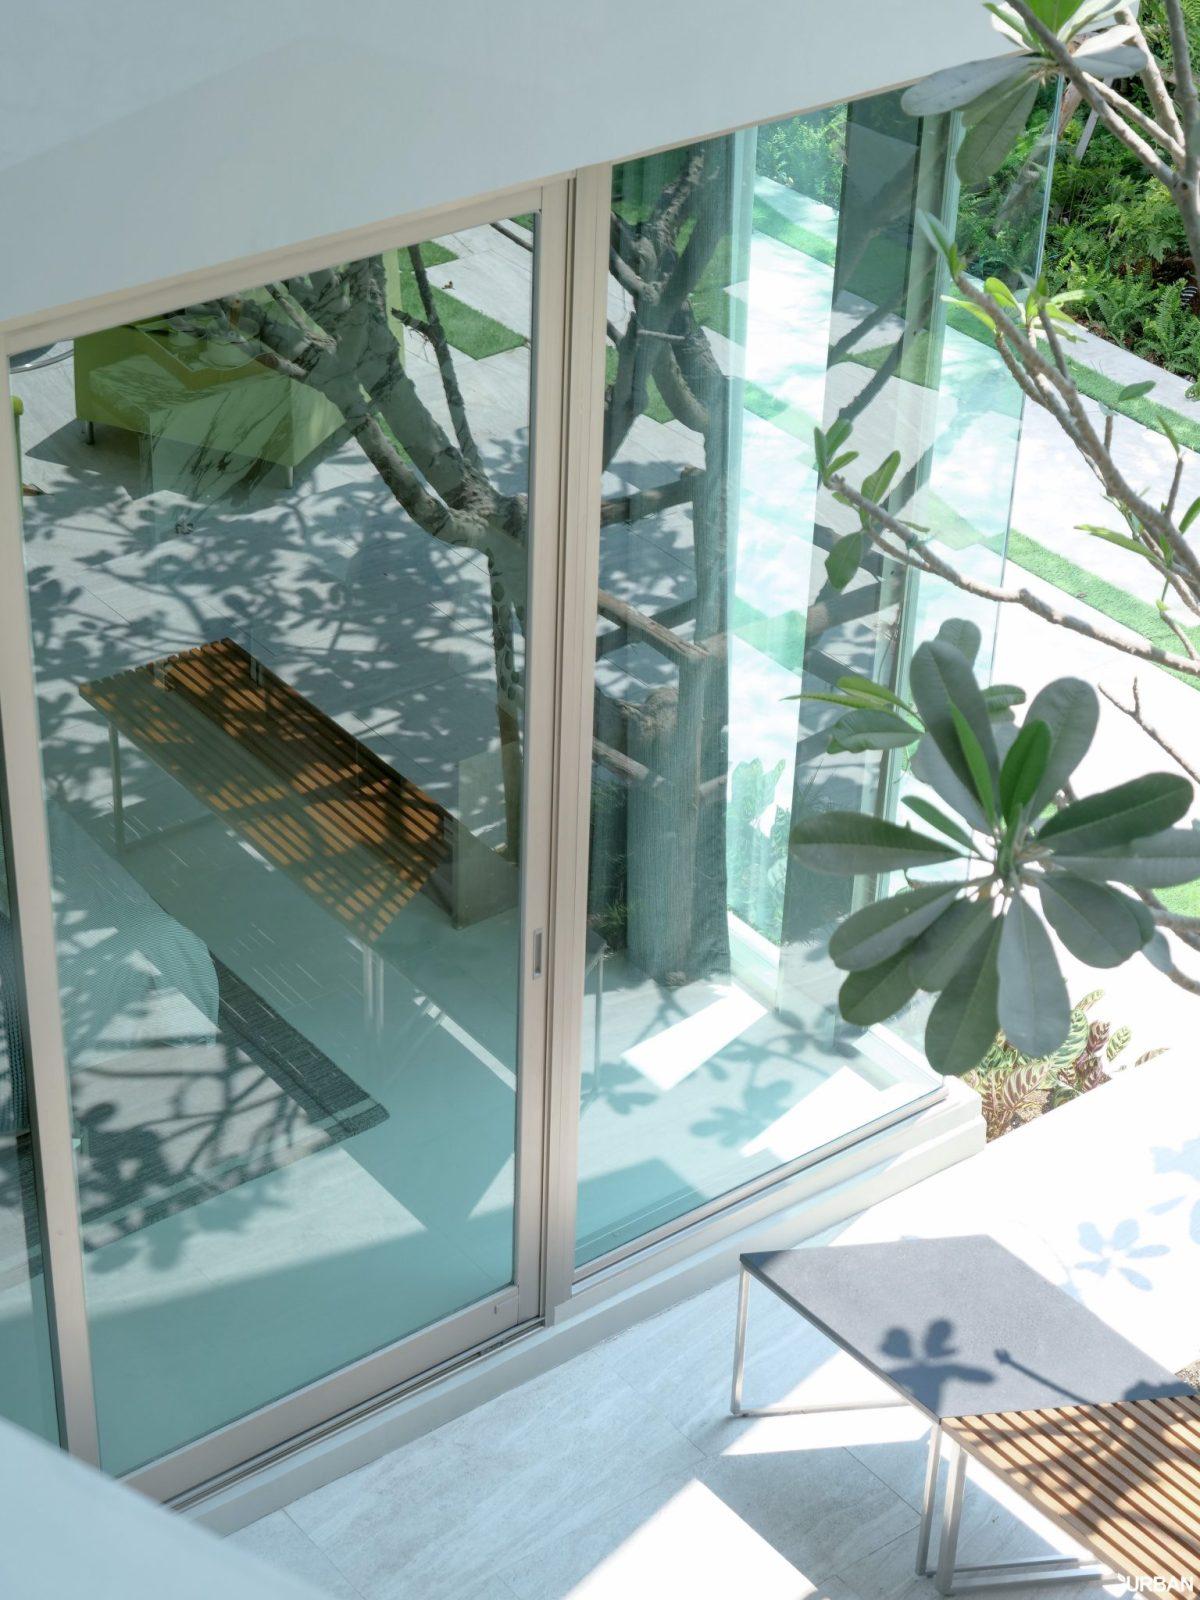 """""""เนอวานา ไดอิ"""" ปฏิวัติรูปแบบการอยู่อาศัย พร้อมเปิดโครงการ """"เนอวานา บียอนด์ พระราม 9-กรุงเทพกรีฑา"""" บ้านต้นแบบแนวคิดใหม่ 30 -"""